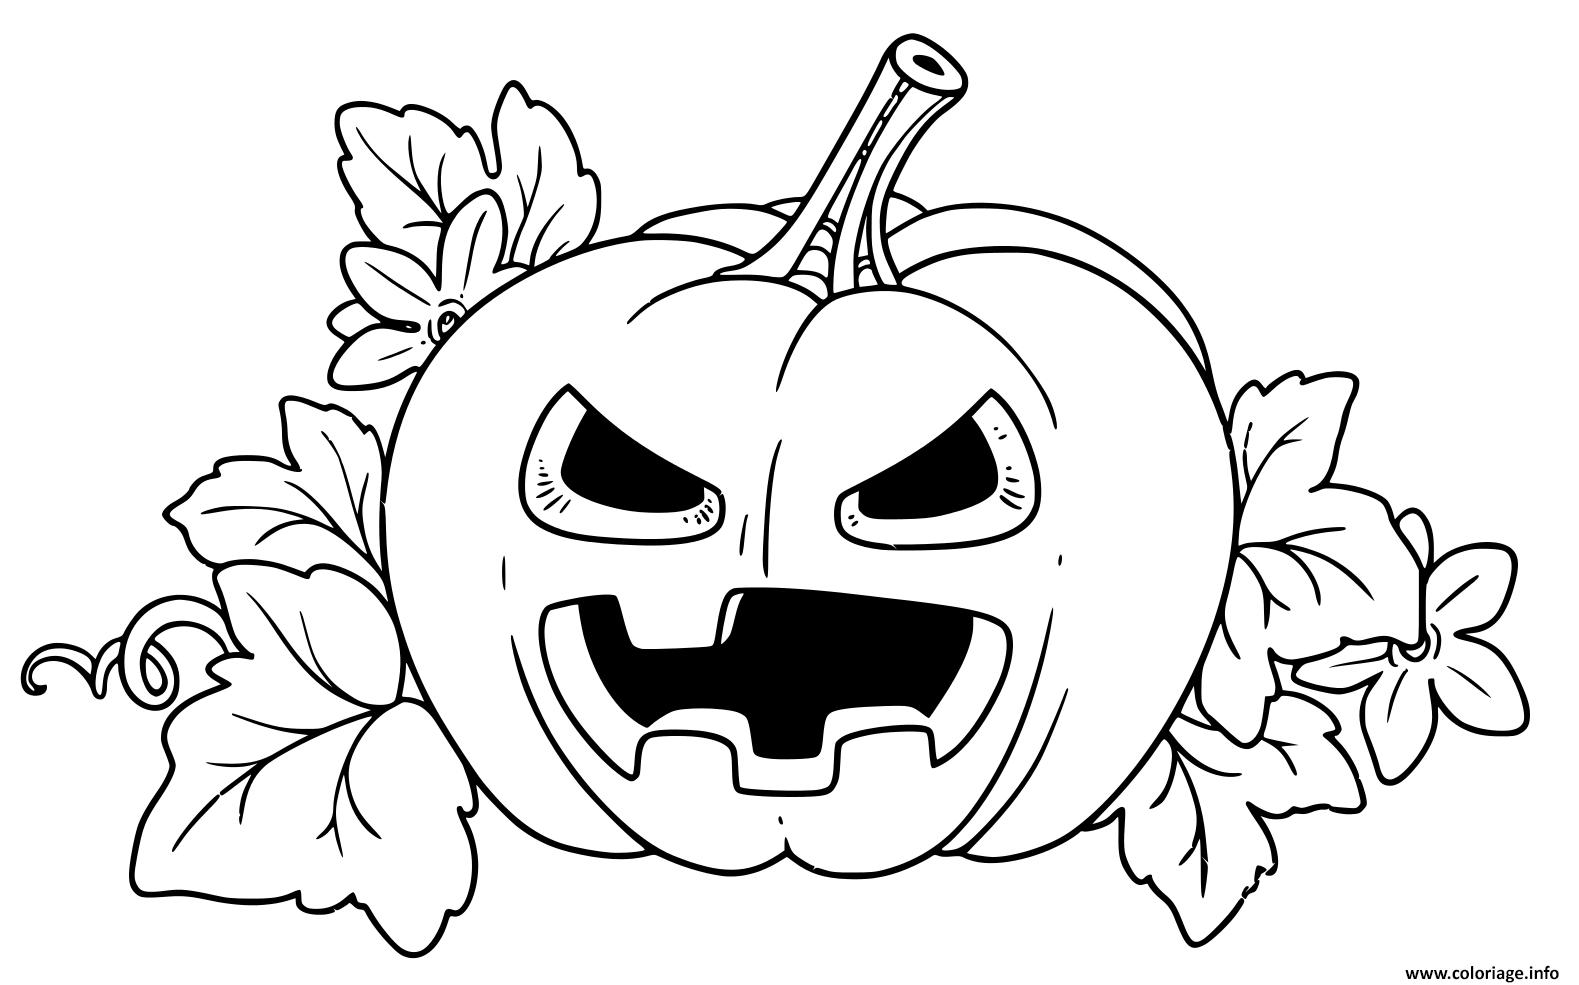 Coloriage Citrouille Halloween Fachee Couleur Jaune Dessin à Dessin Halloween Citrouille A Imprimer Gratuit